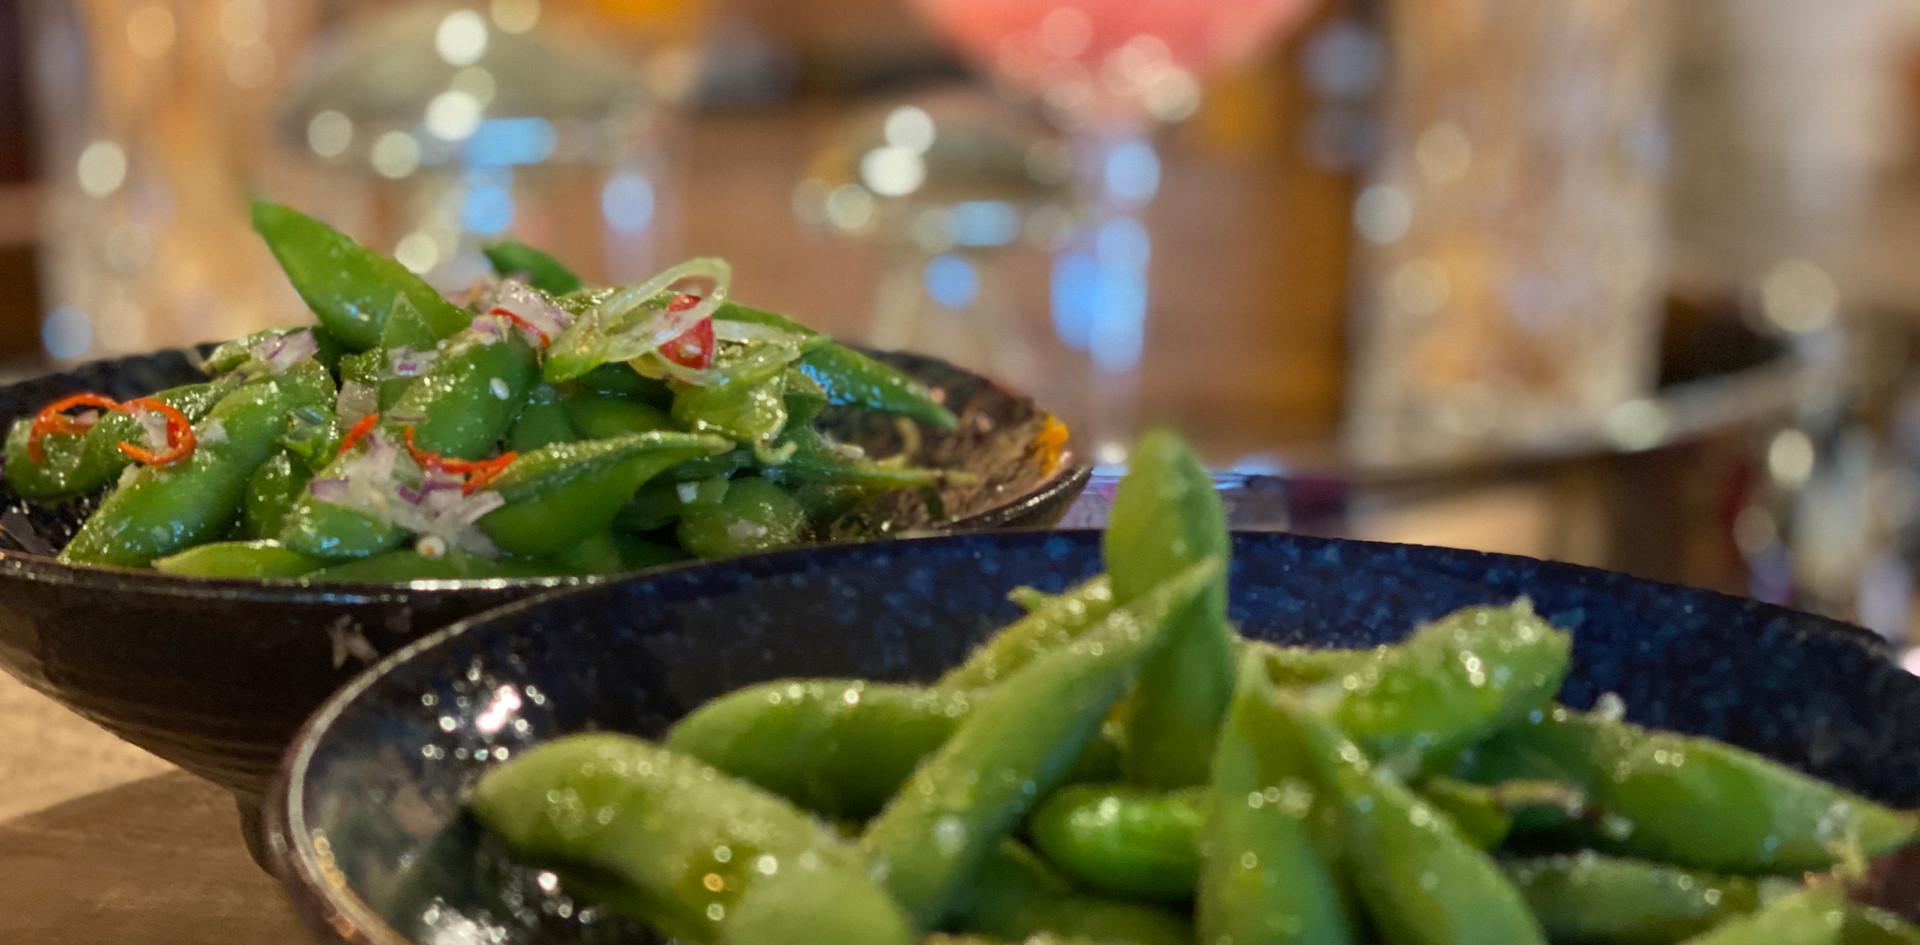 grüne Bohnen Restaurant Dinner - Hotel Wegner - The culinary Art Hotel